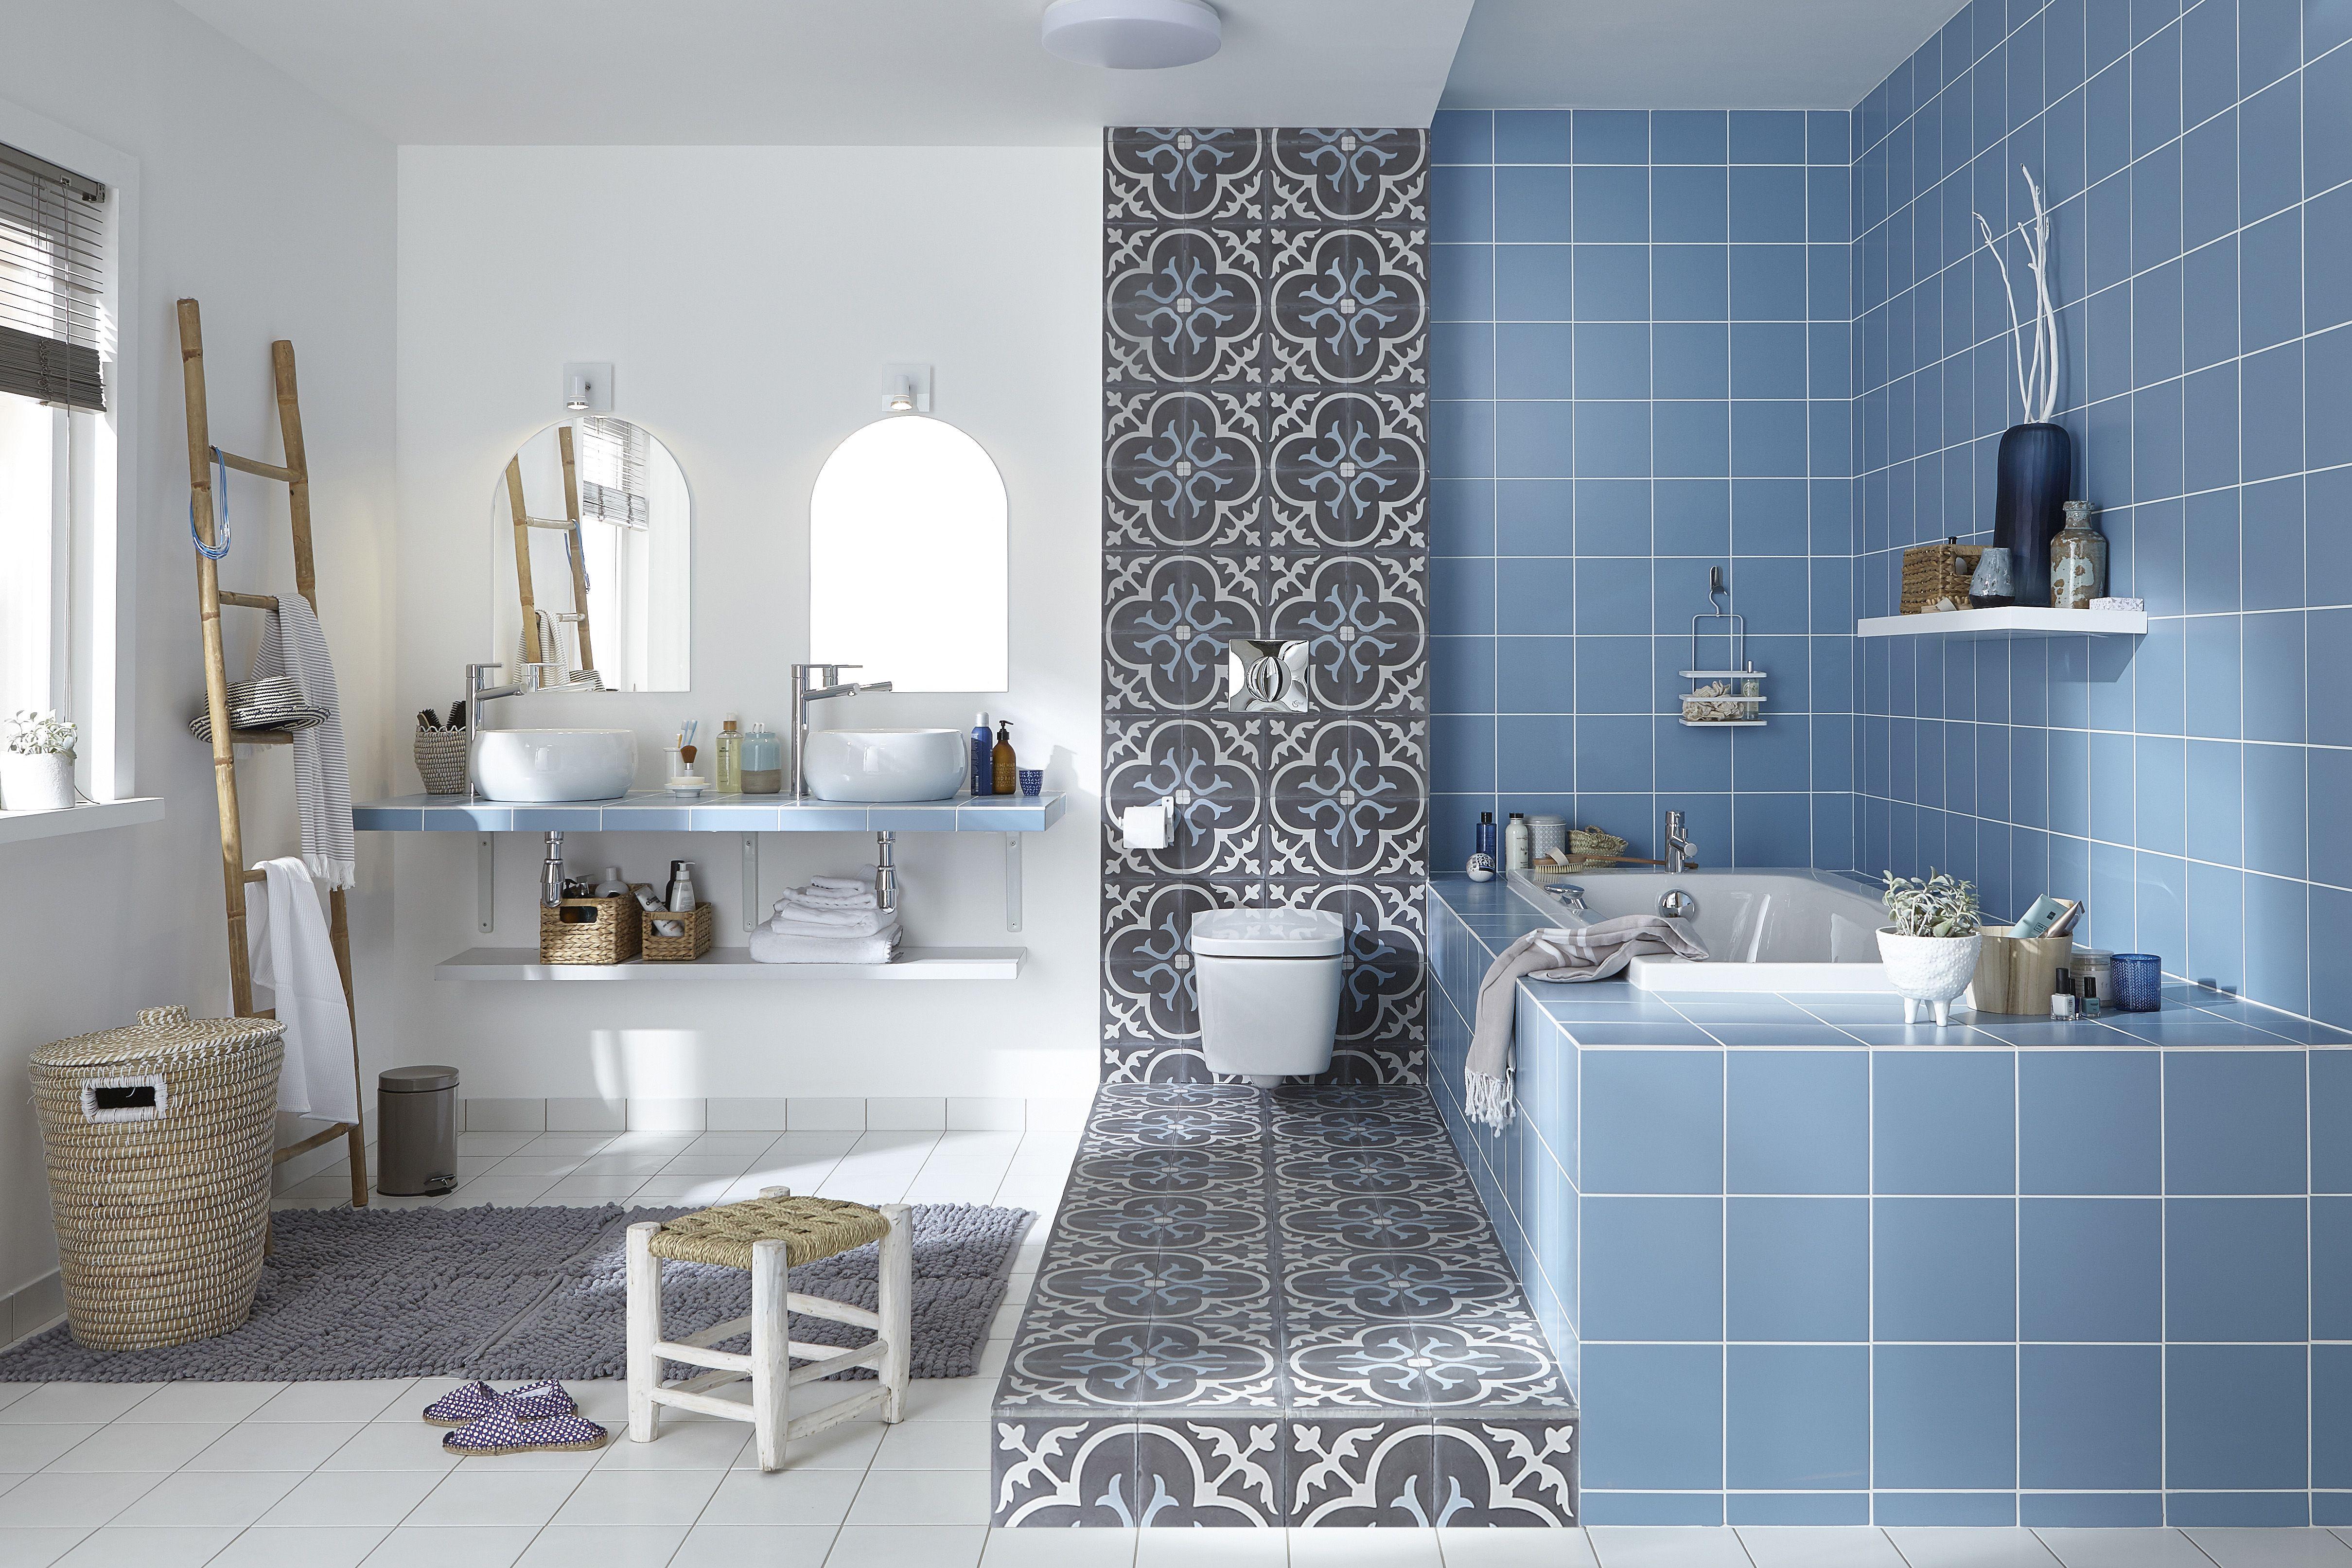 Tips to Create Salle De Bain Carrelage Sol Bleu